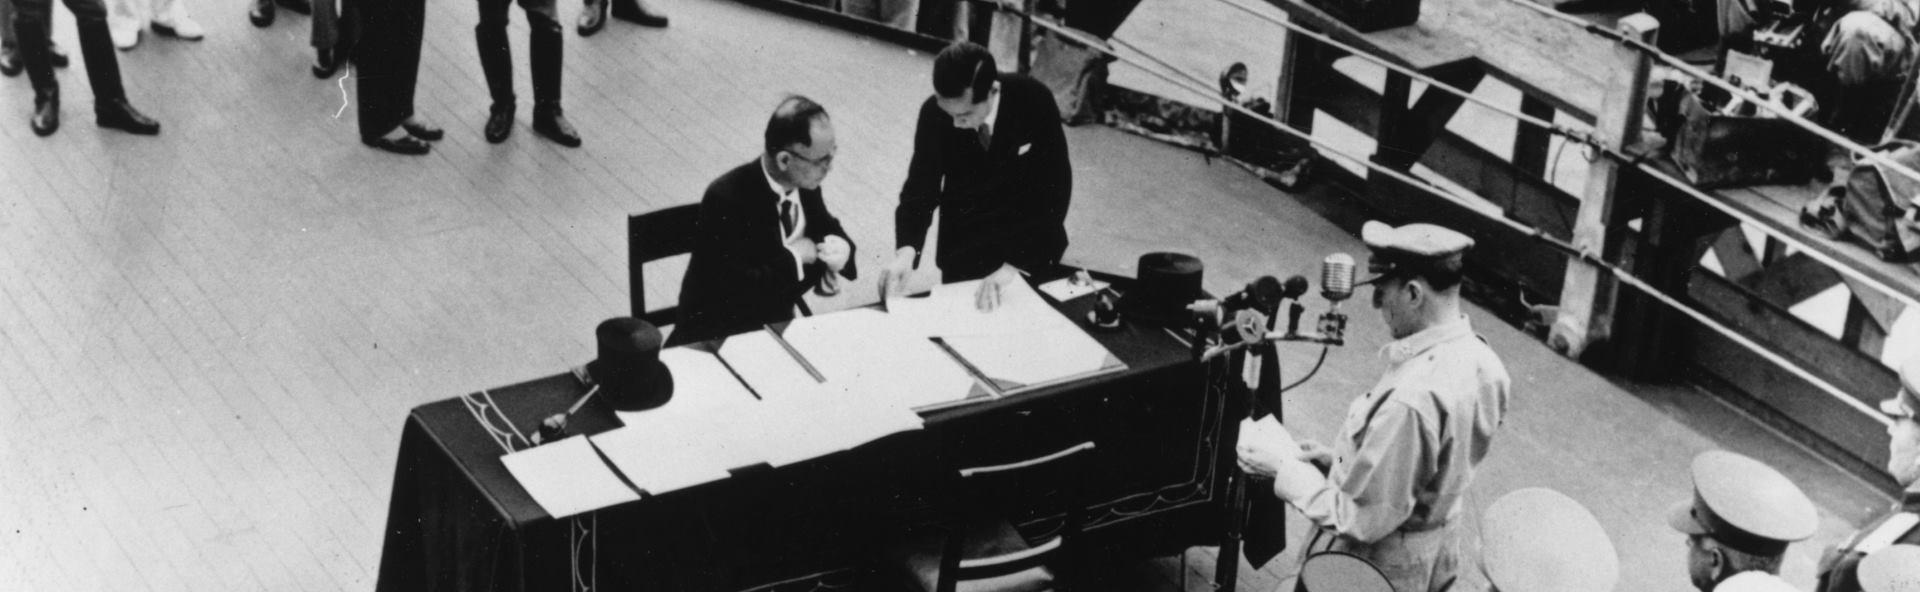 VIDEO: Japan prije 70 godina potpisao predaju u Drugom svjetskom ratu